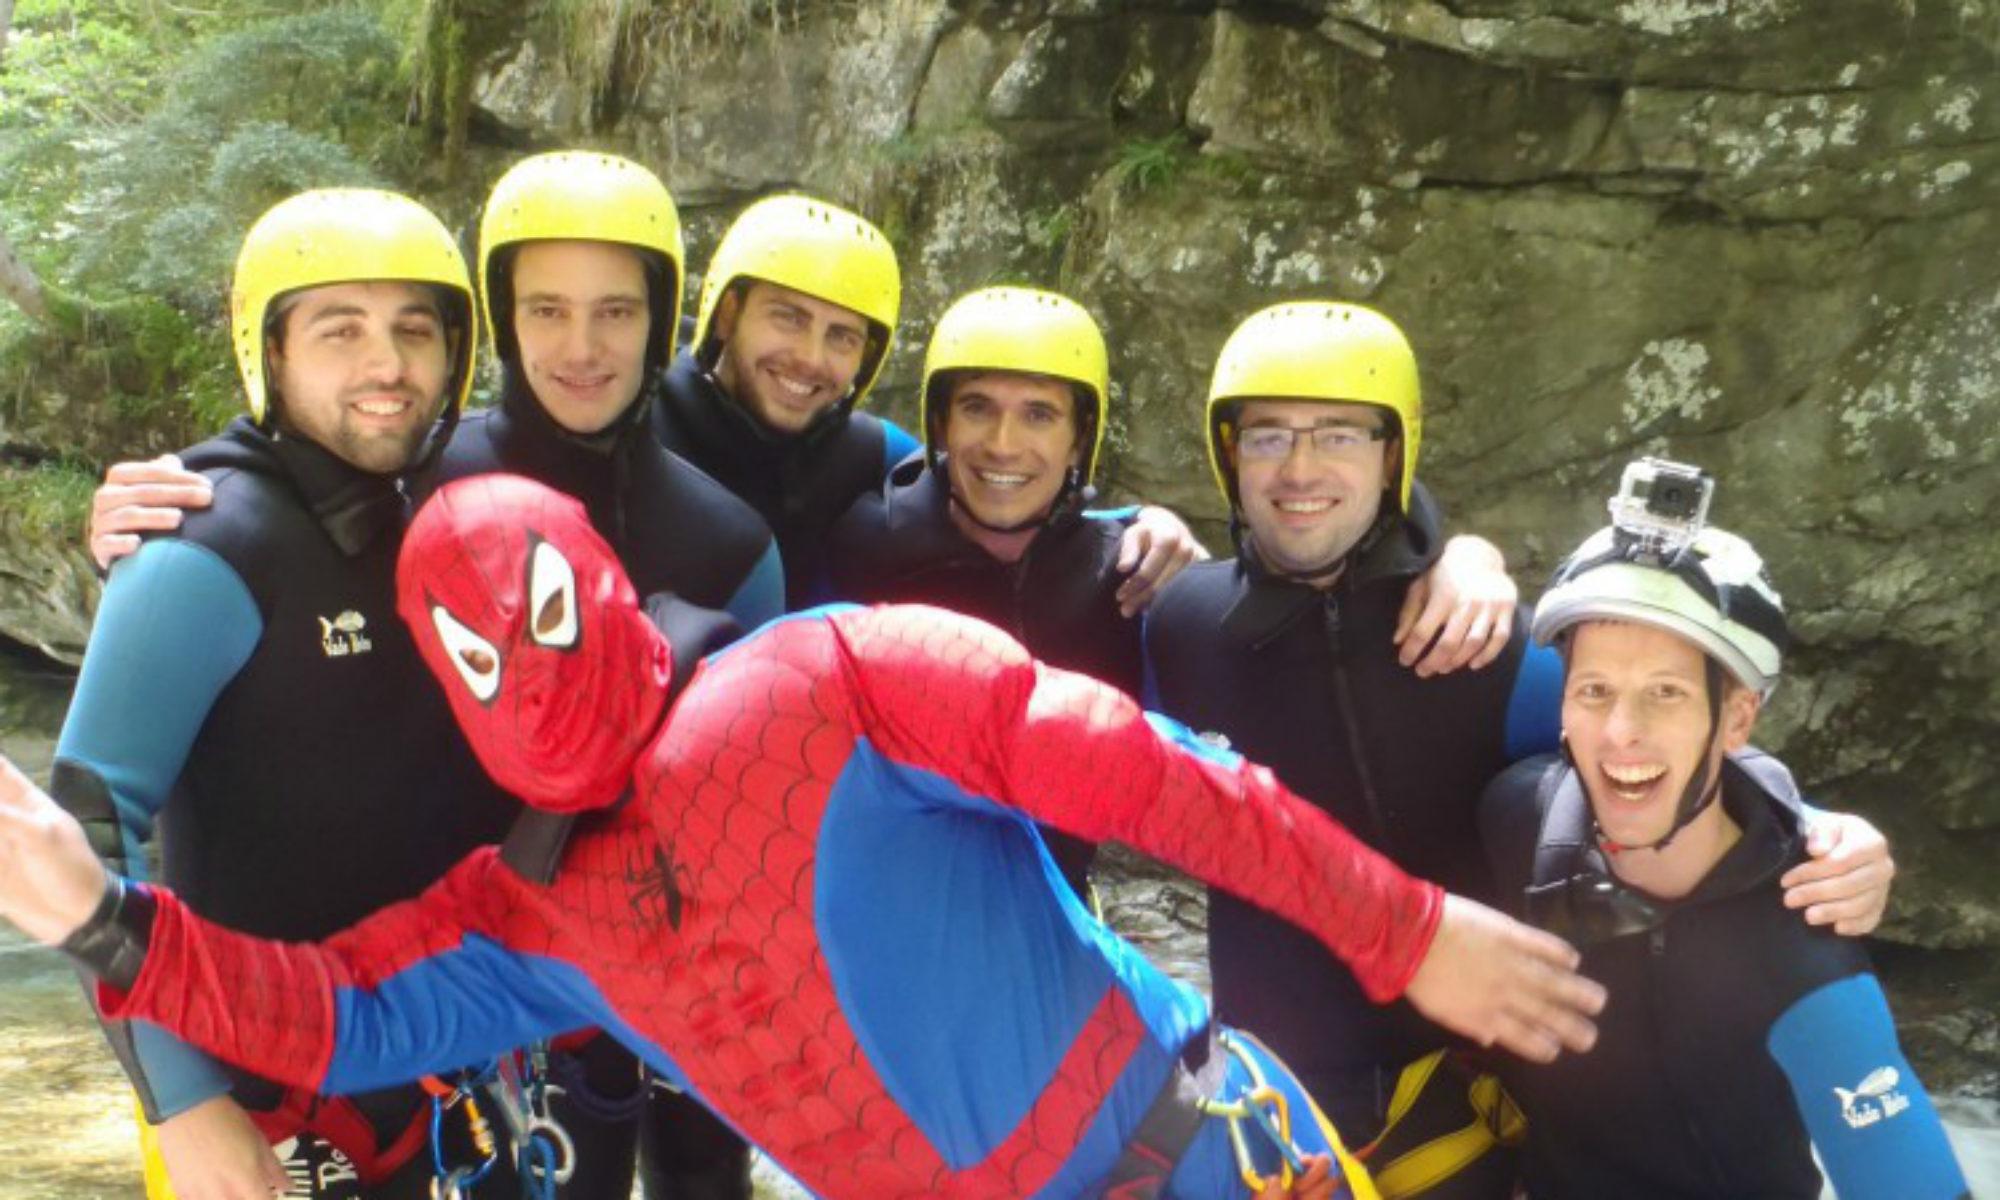 Un futur marié déguisé en Spiderman prend la pose avec ses amis dans un canyon lors d'un EVG.